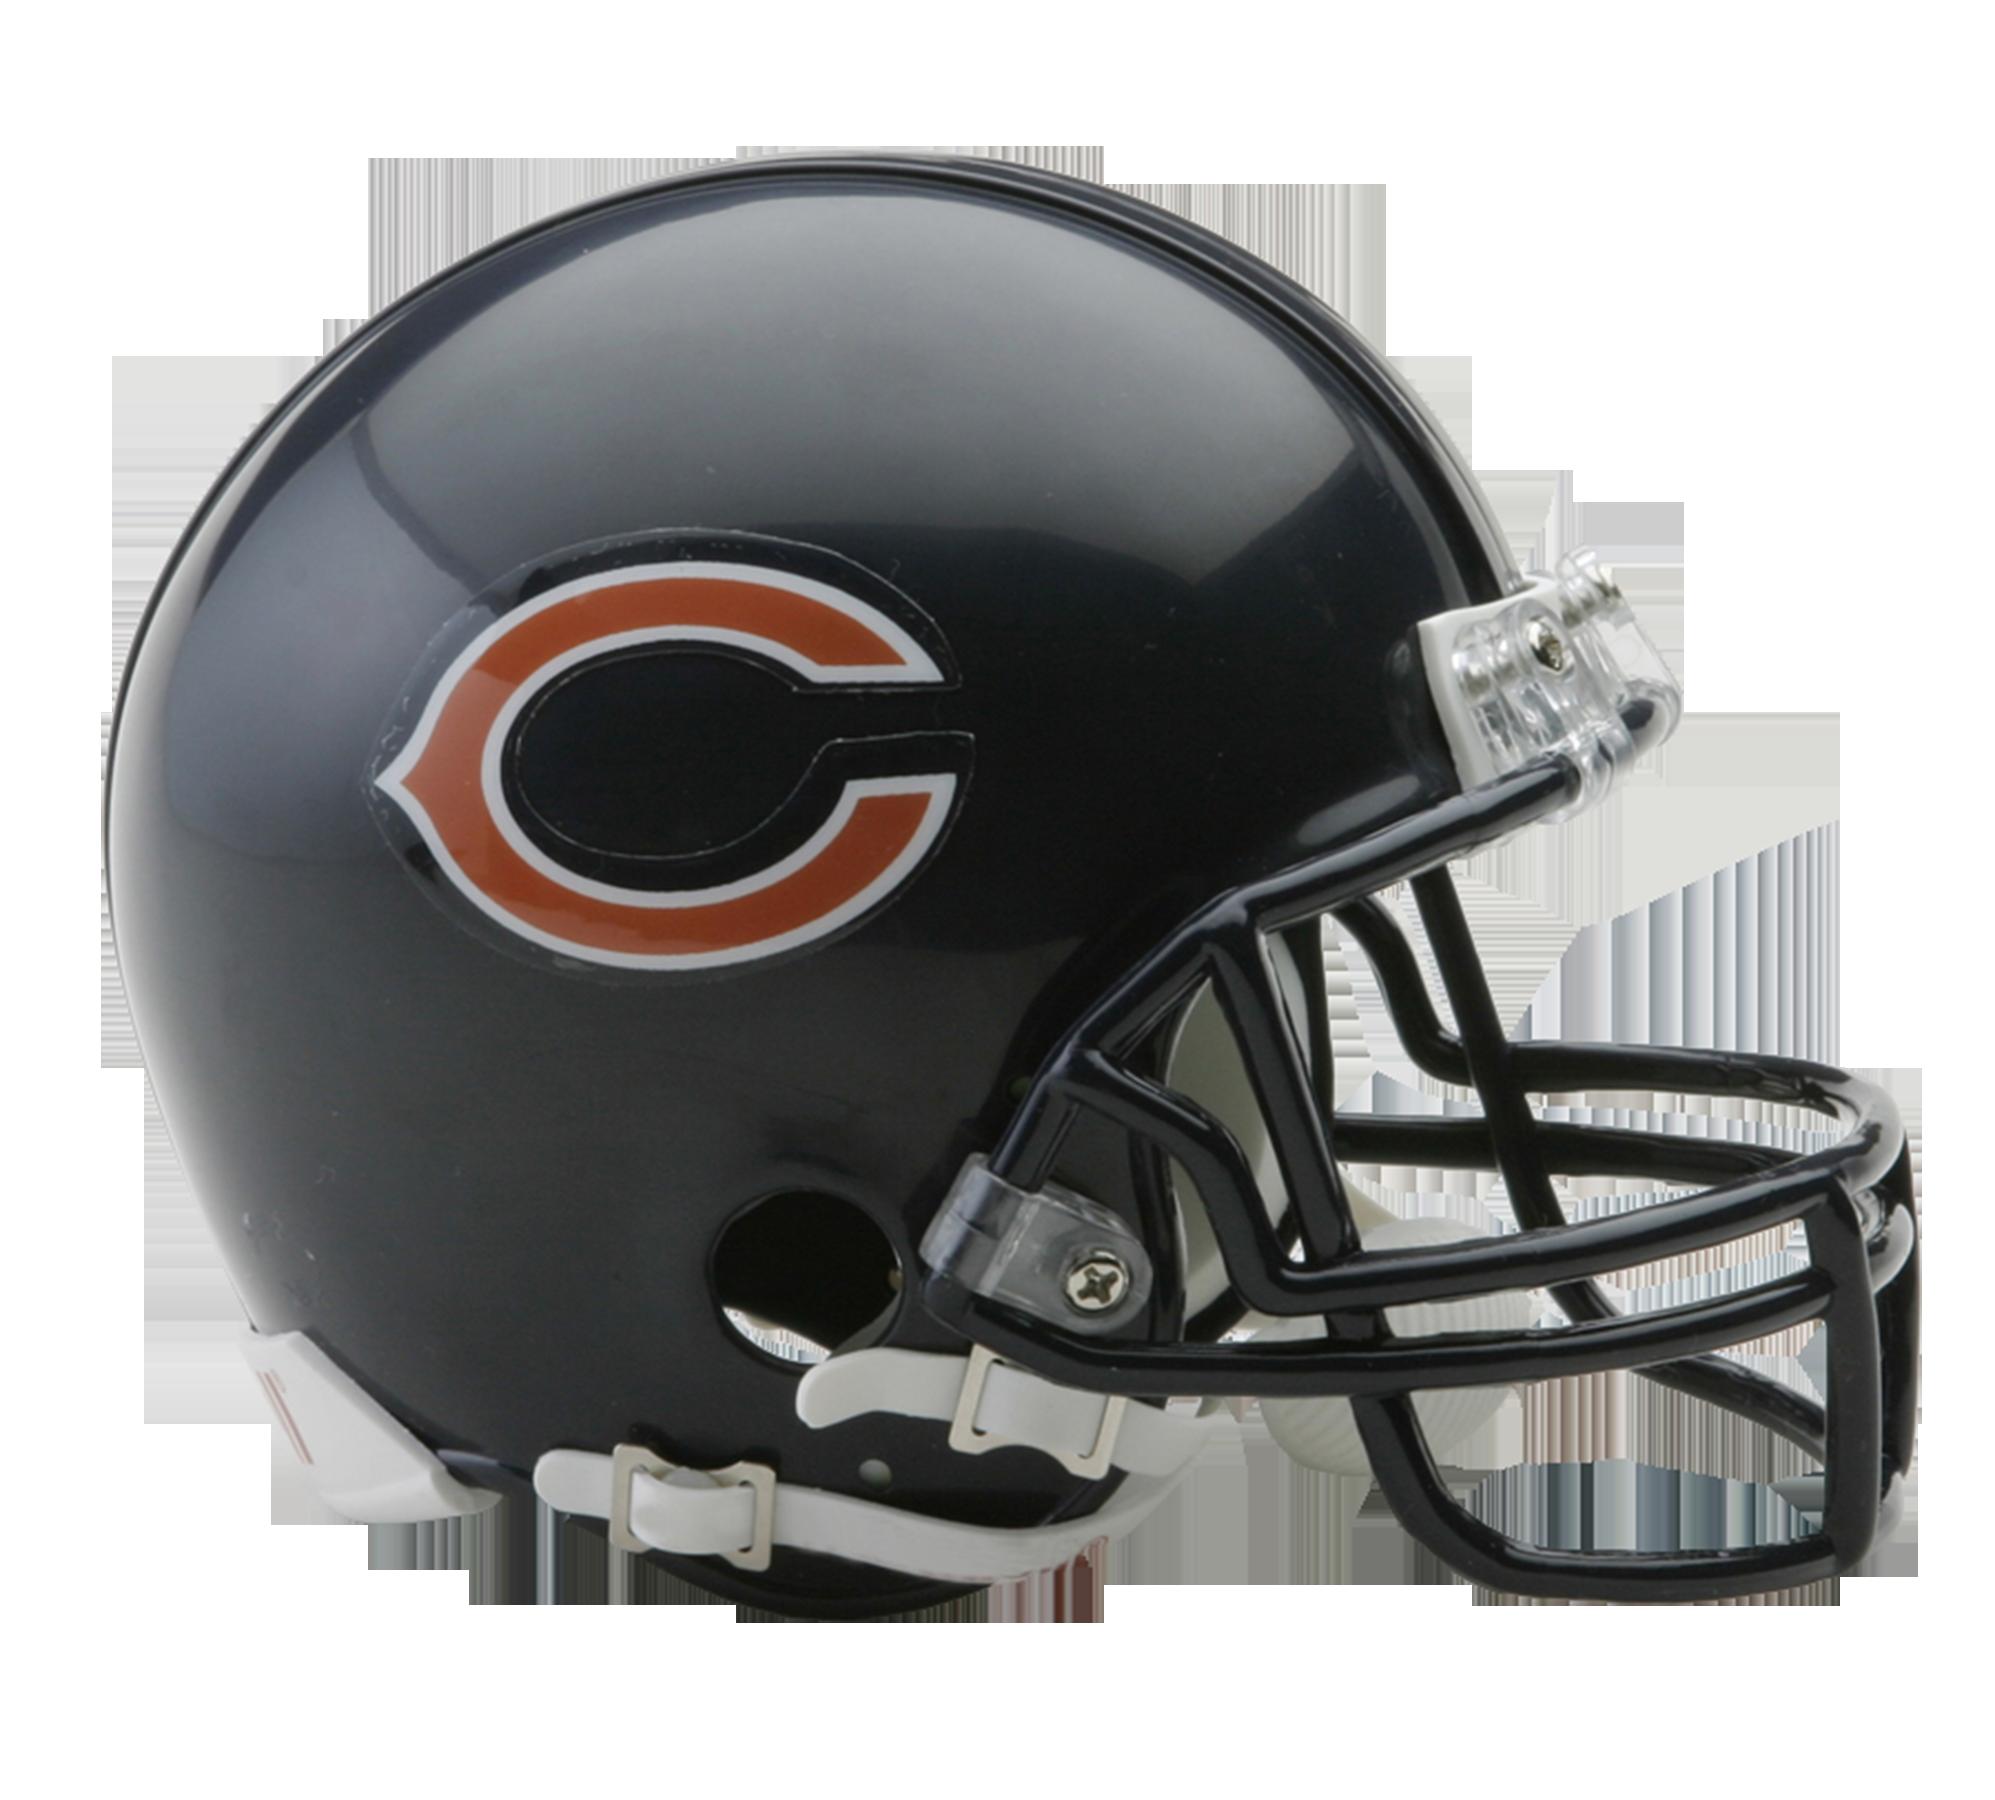 American Football Helmet Nfl football helmets, Football